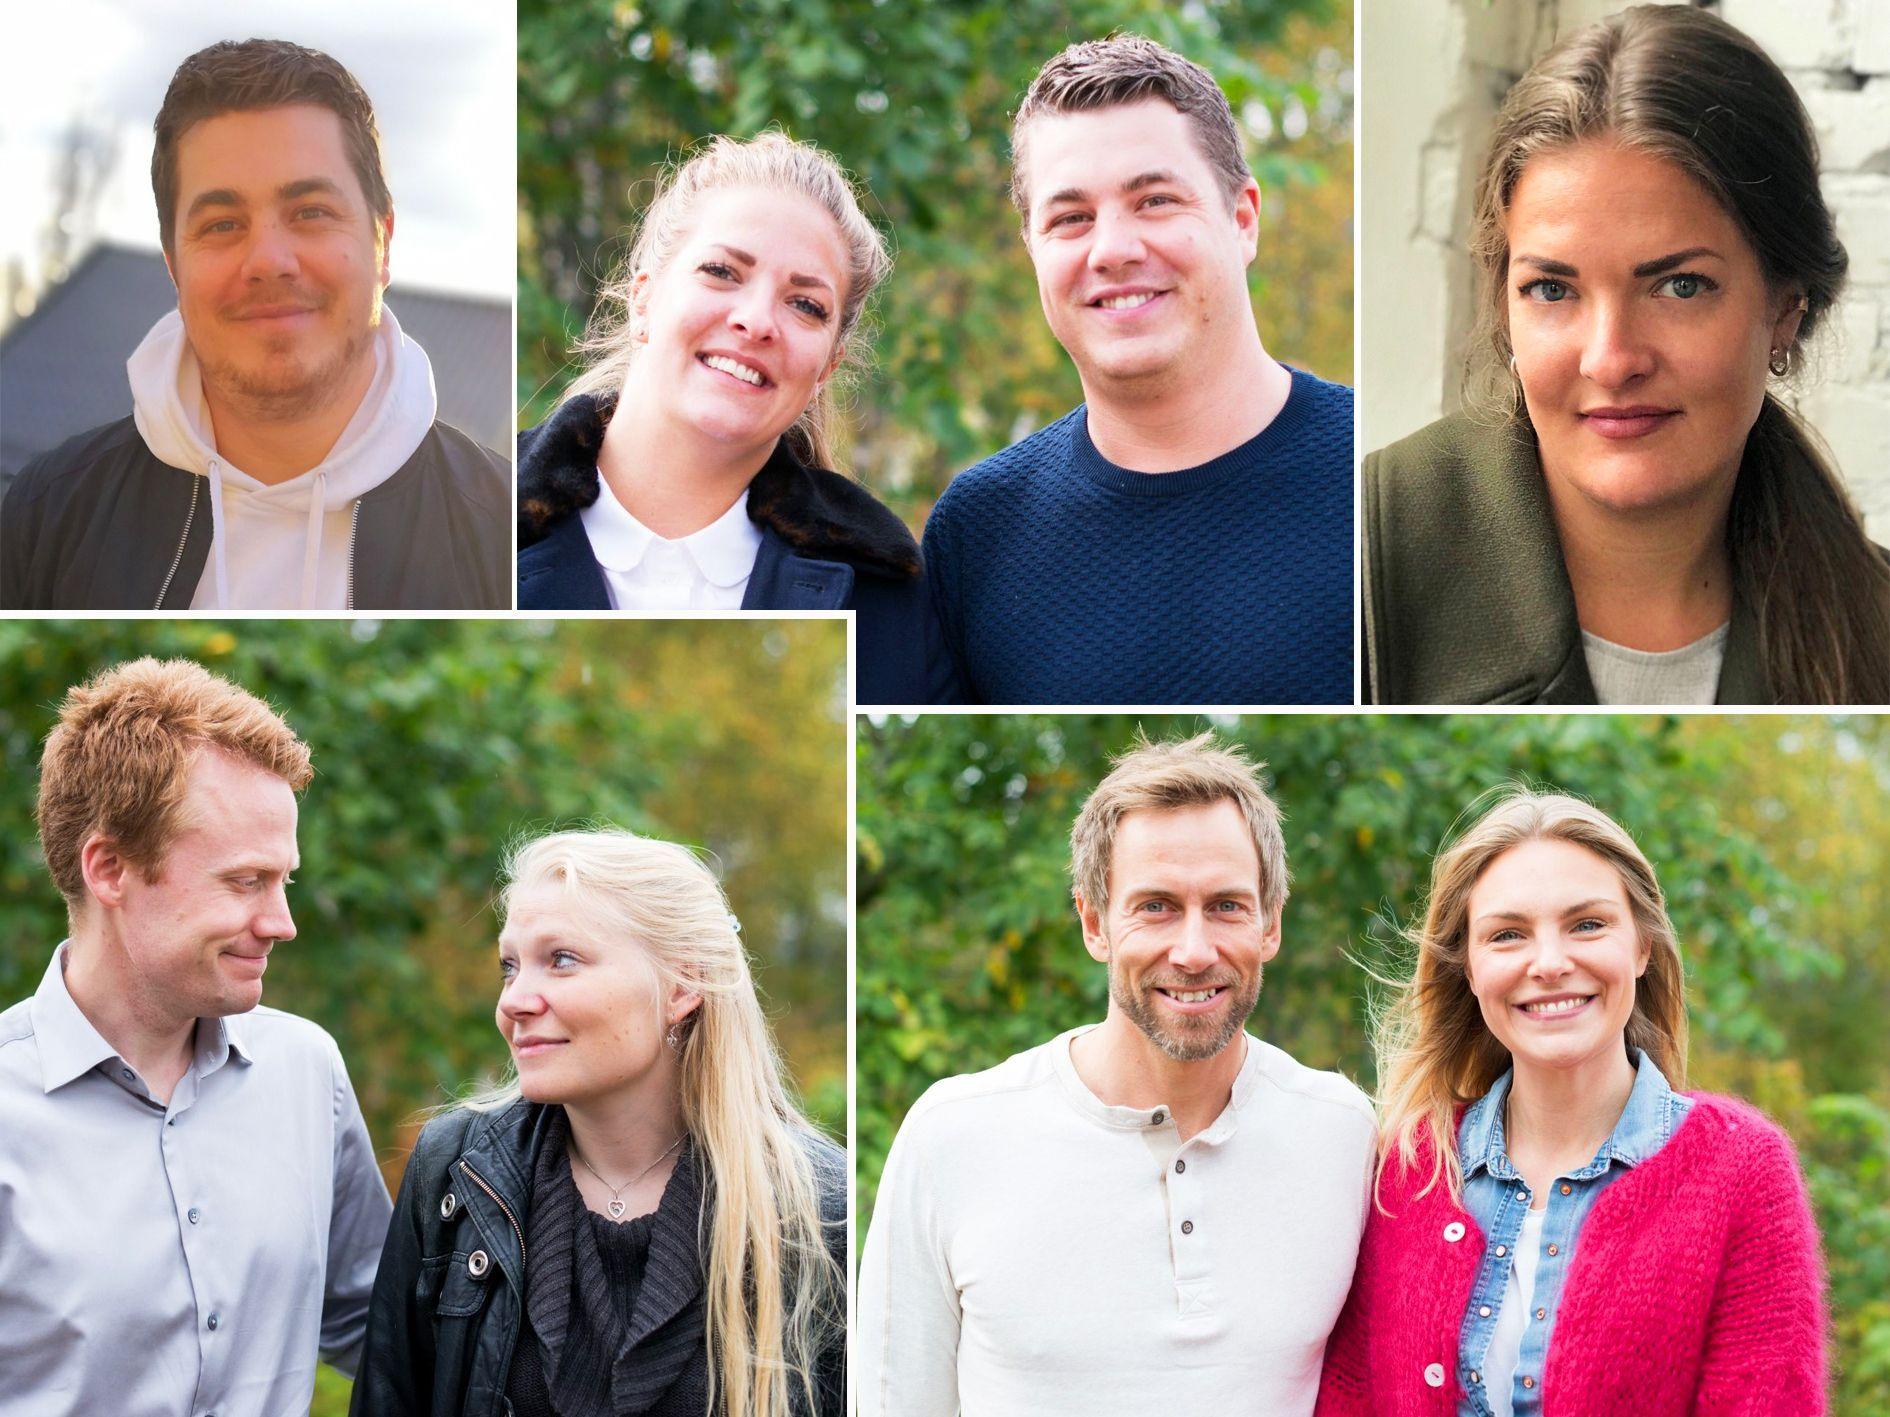 SØKER KJÆRLIGHETEN: (Fra øverst til venstre) Rune og Katarin, André og Isabel og Geir og Anna.